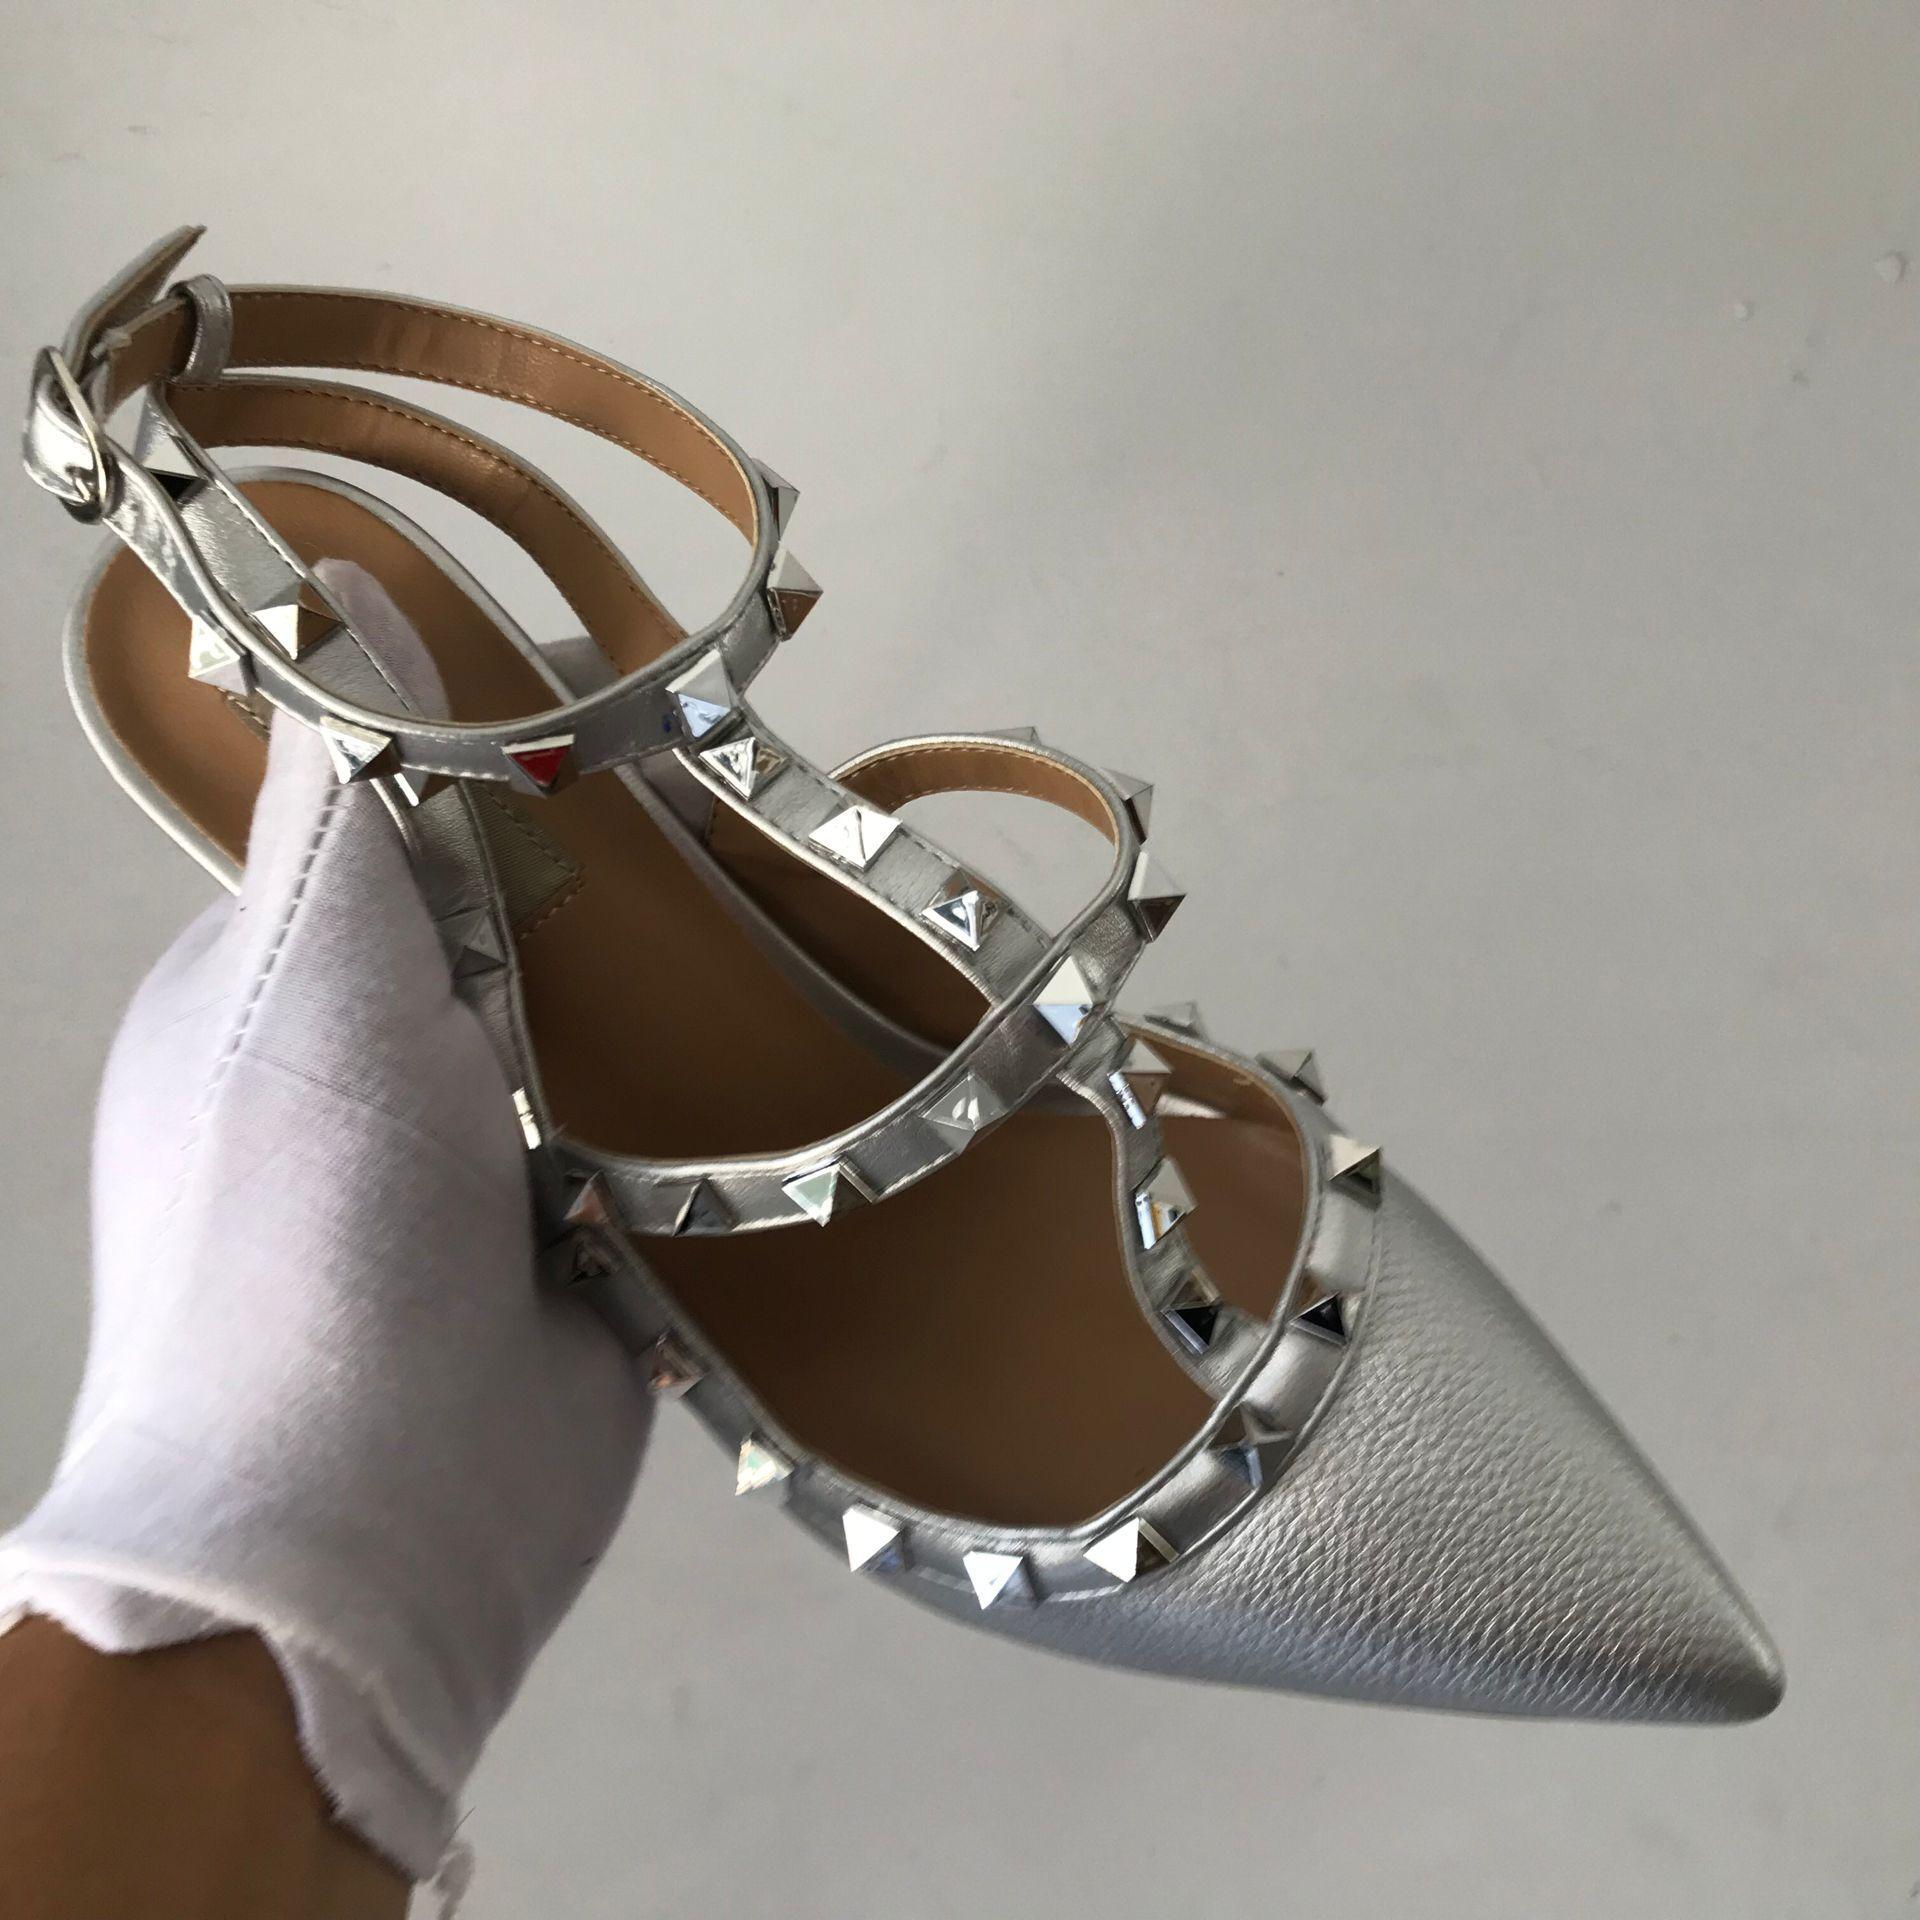 2019 nouvelles chaussures de luxe femmes Designers femme chaussures rivetées talons minces chaussures à talons hauts sandales paresseux demi-décapant chaussures couleur or